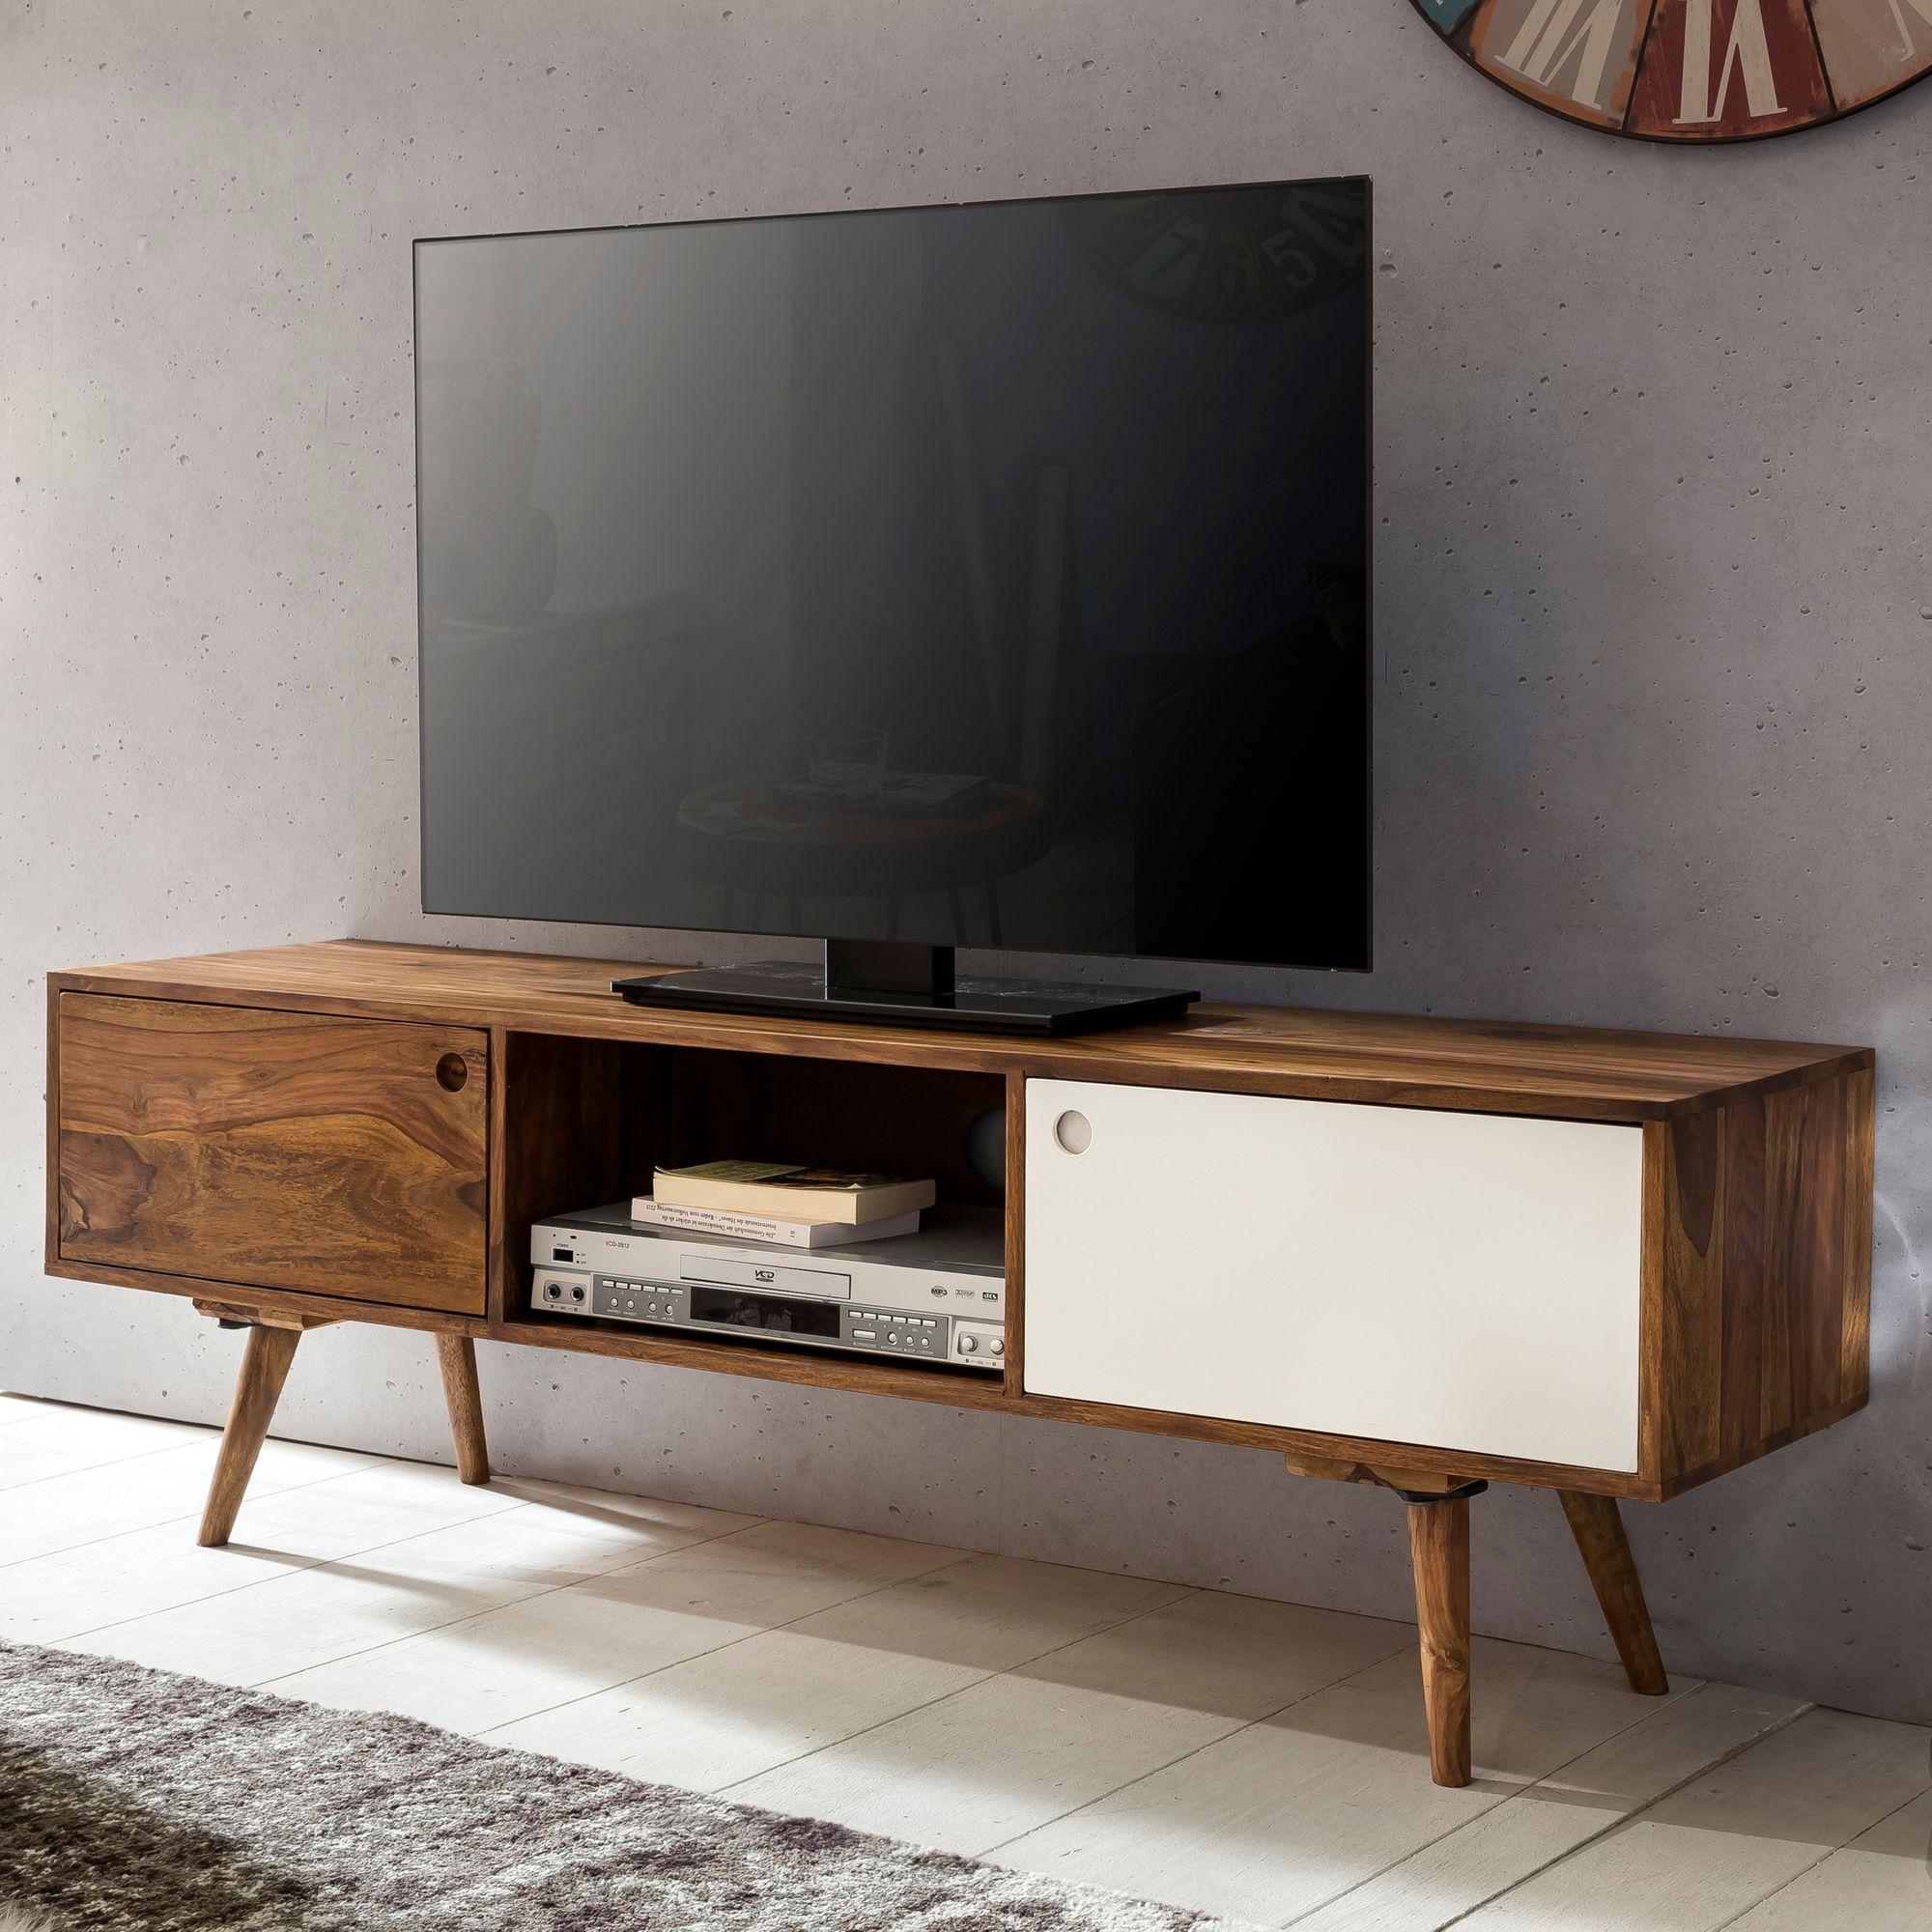 Beeindruckend Hifi Regal Holz Das Beste Von Finebuy Tv Lowboard 140 Cm Massiv-holz Sheesham